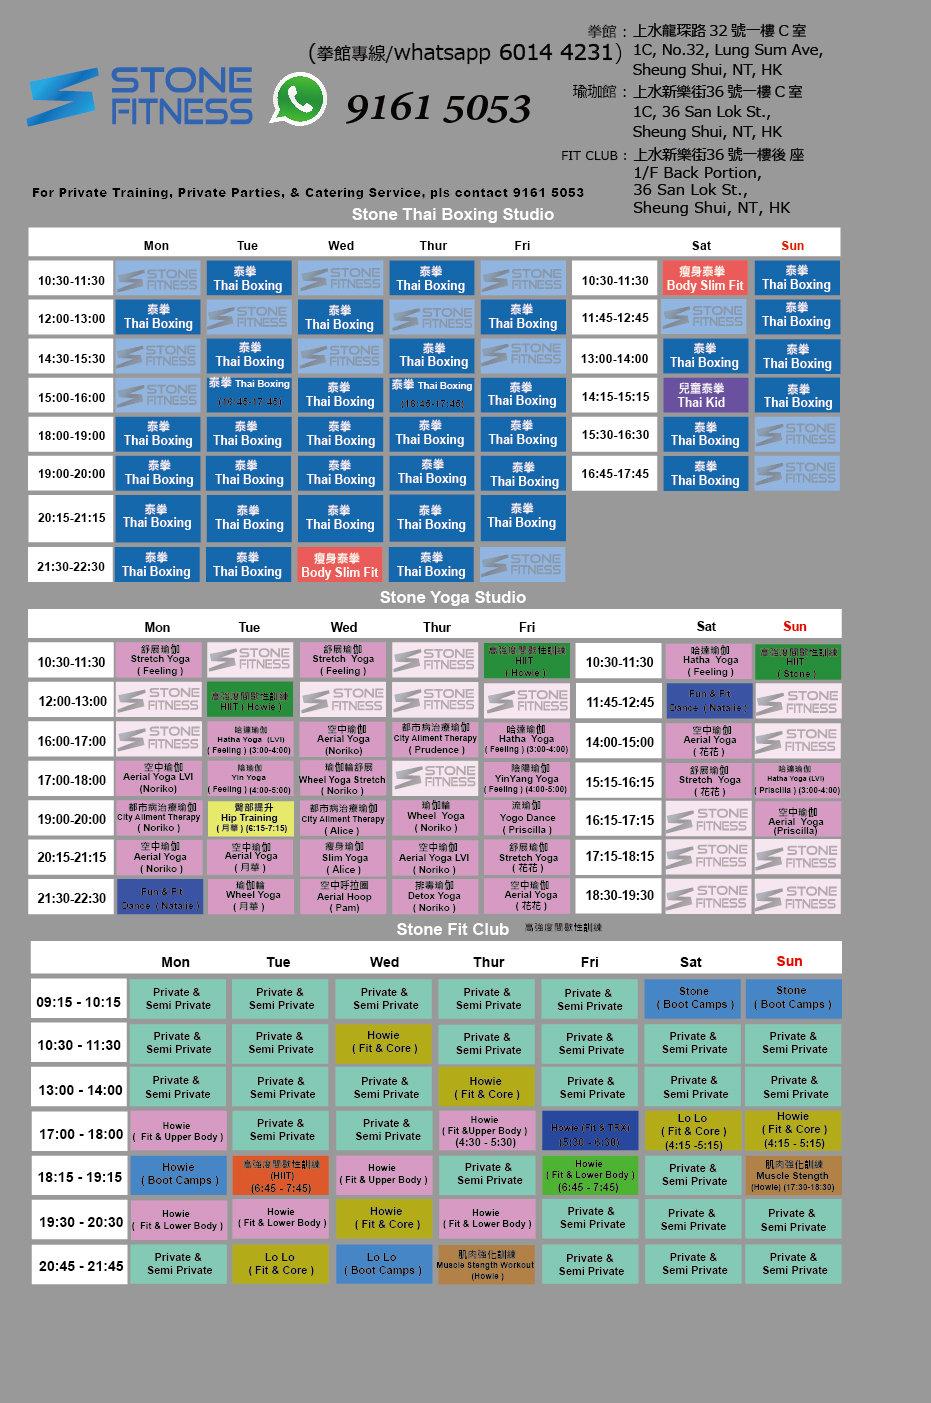 A5 LEAFLET 2020 Dec combined schedule.jp